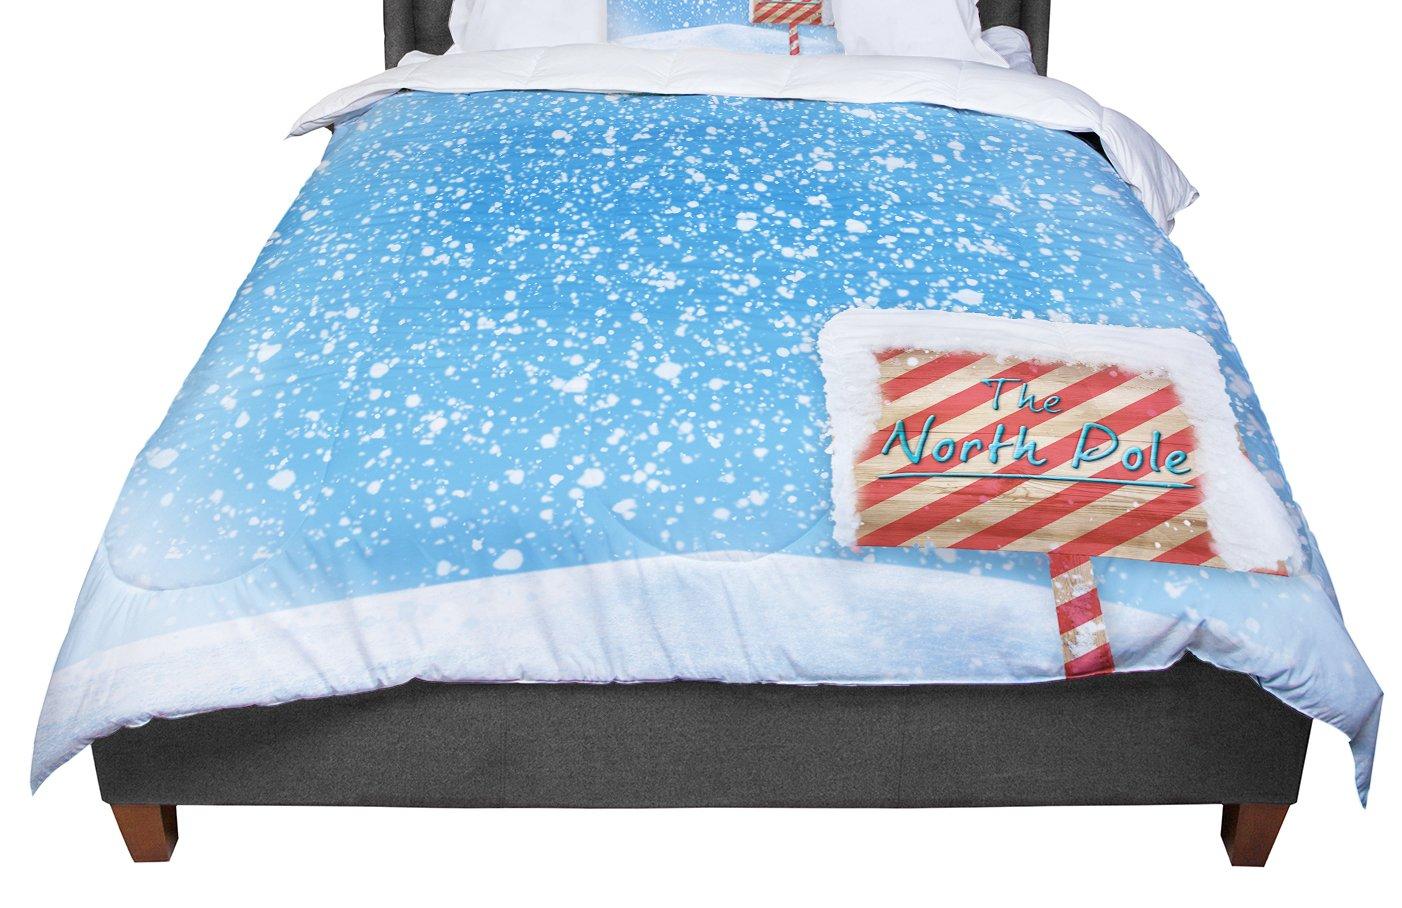 KESS InHouse Snap Studio 'North Pole' Snow Queen Comforter, 88' X 88'